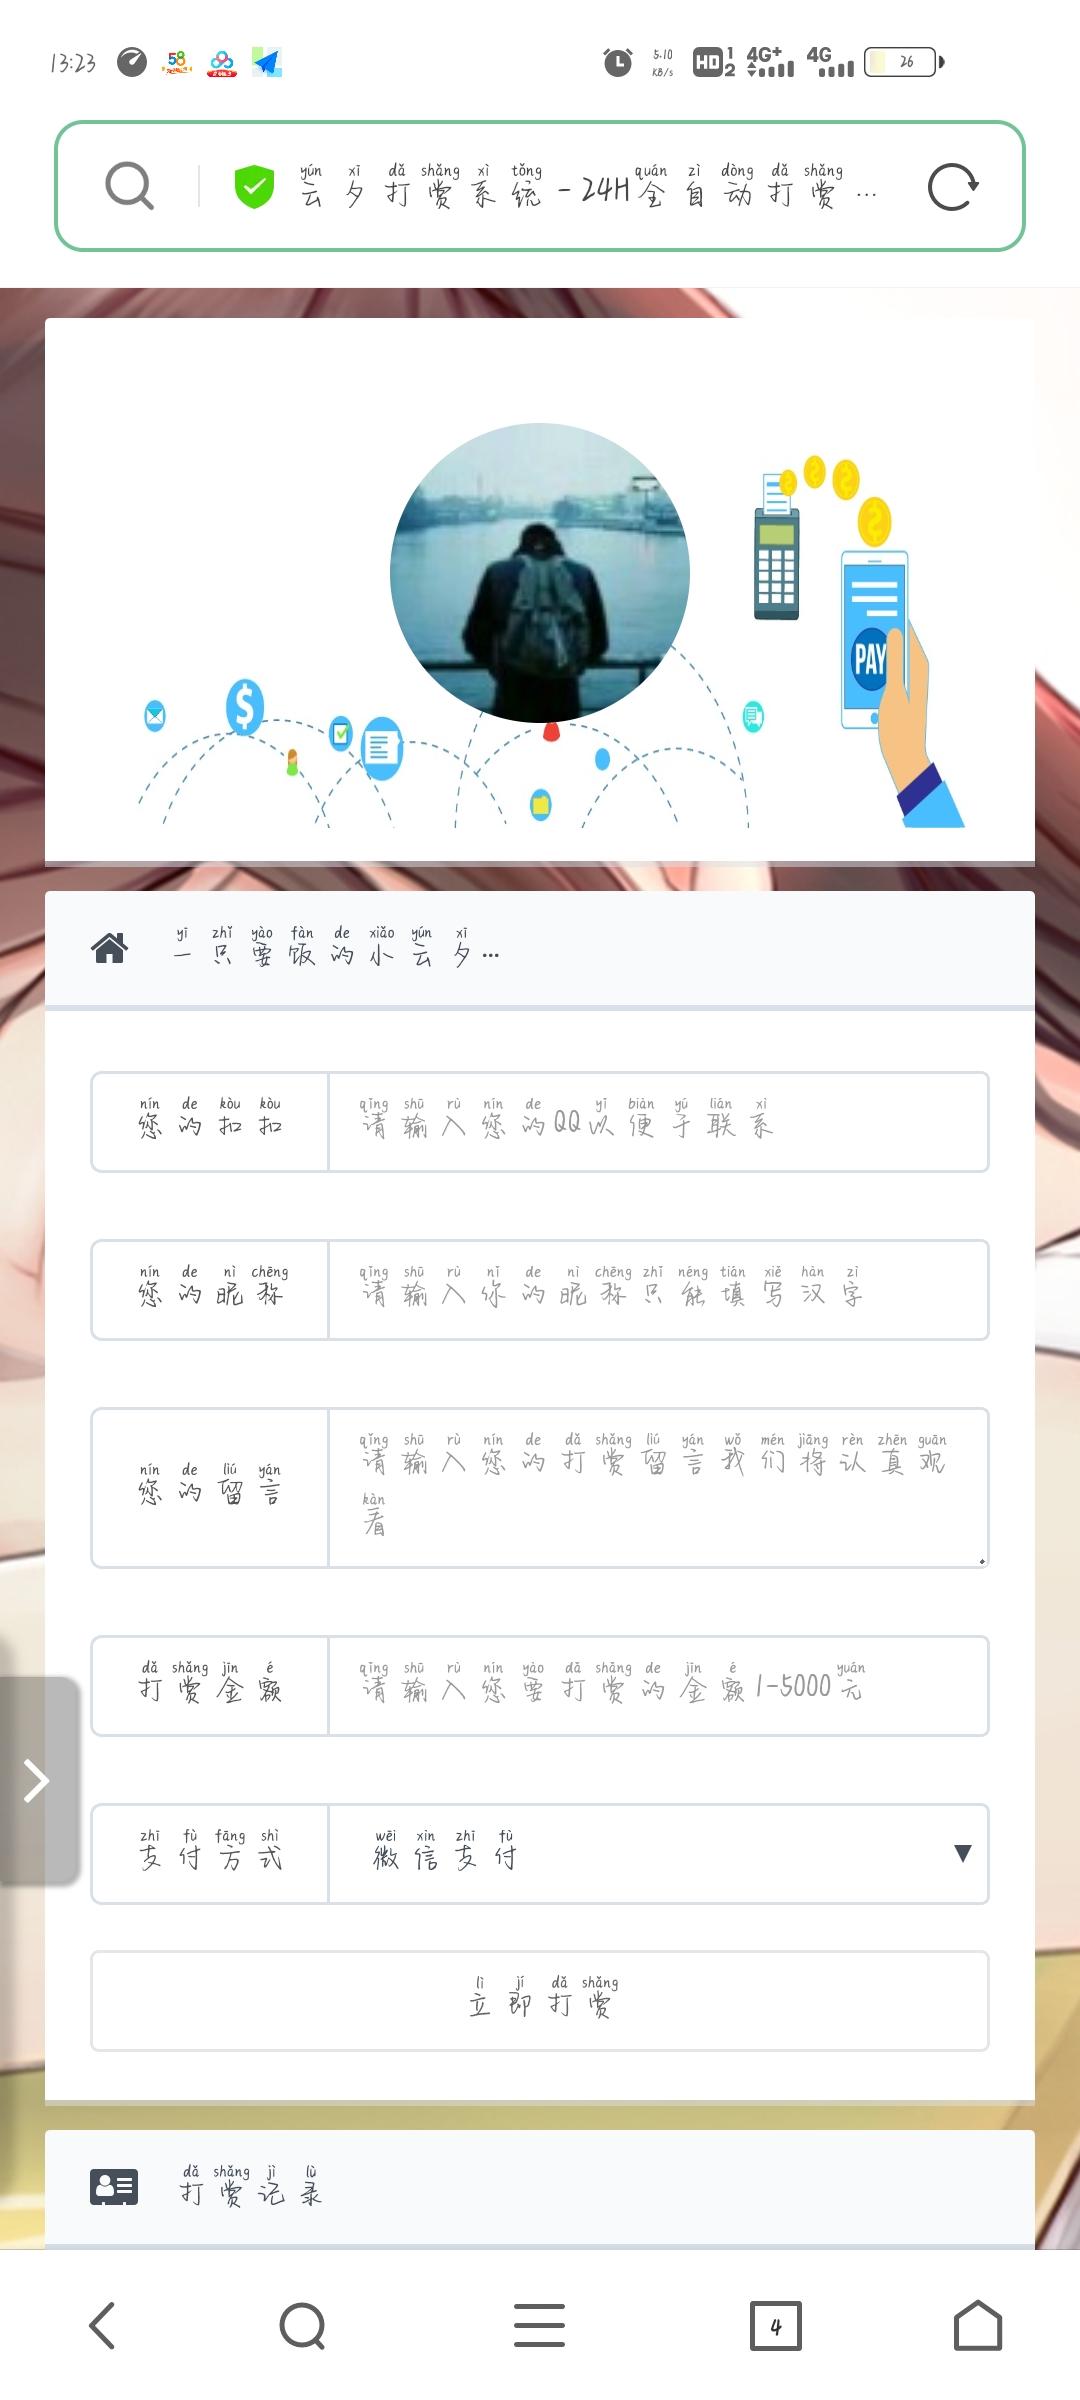 云夕打赏系统网站源码分享